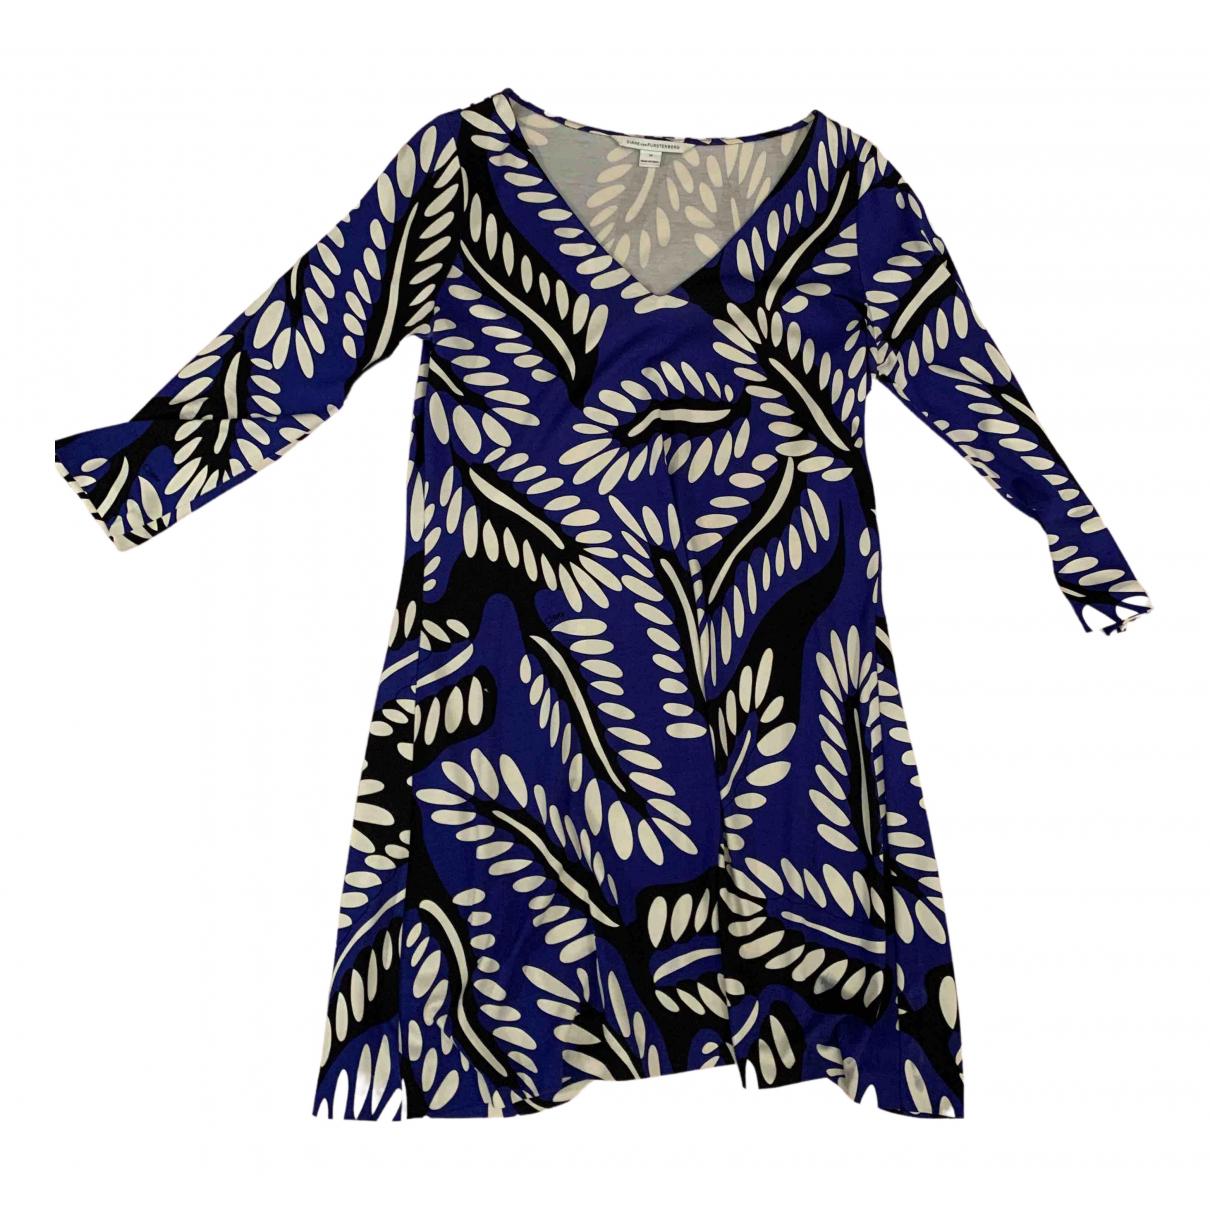 Diane Von Furstenberg N Cotton dress for Women 10 US